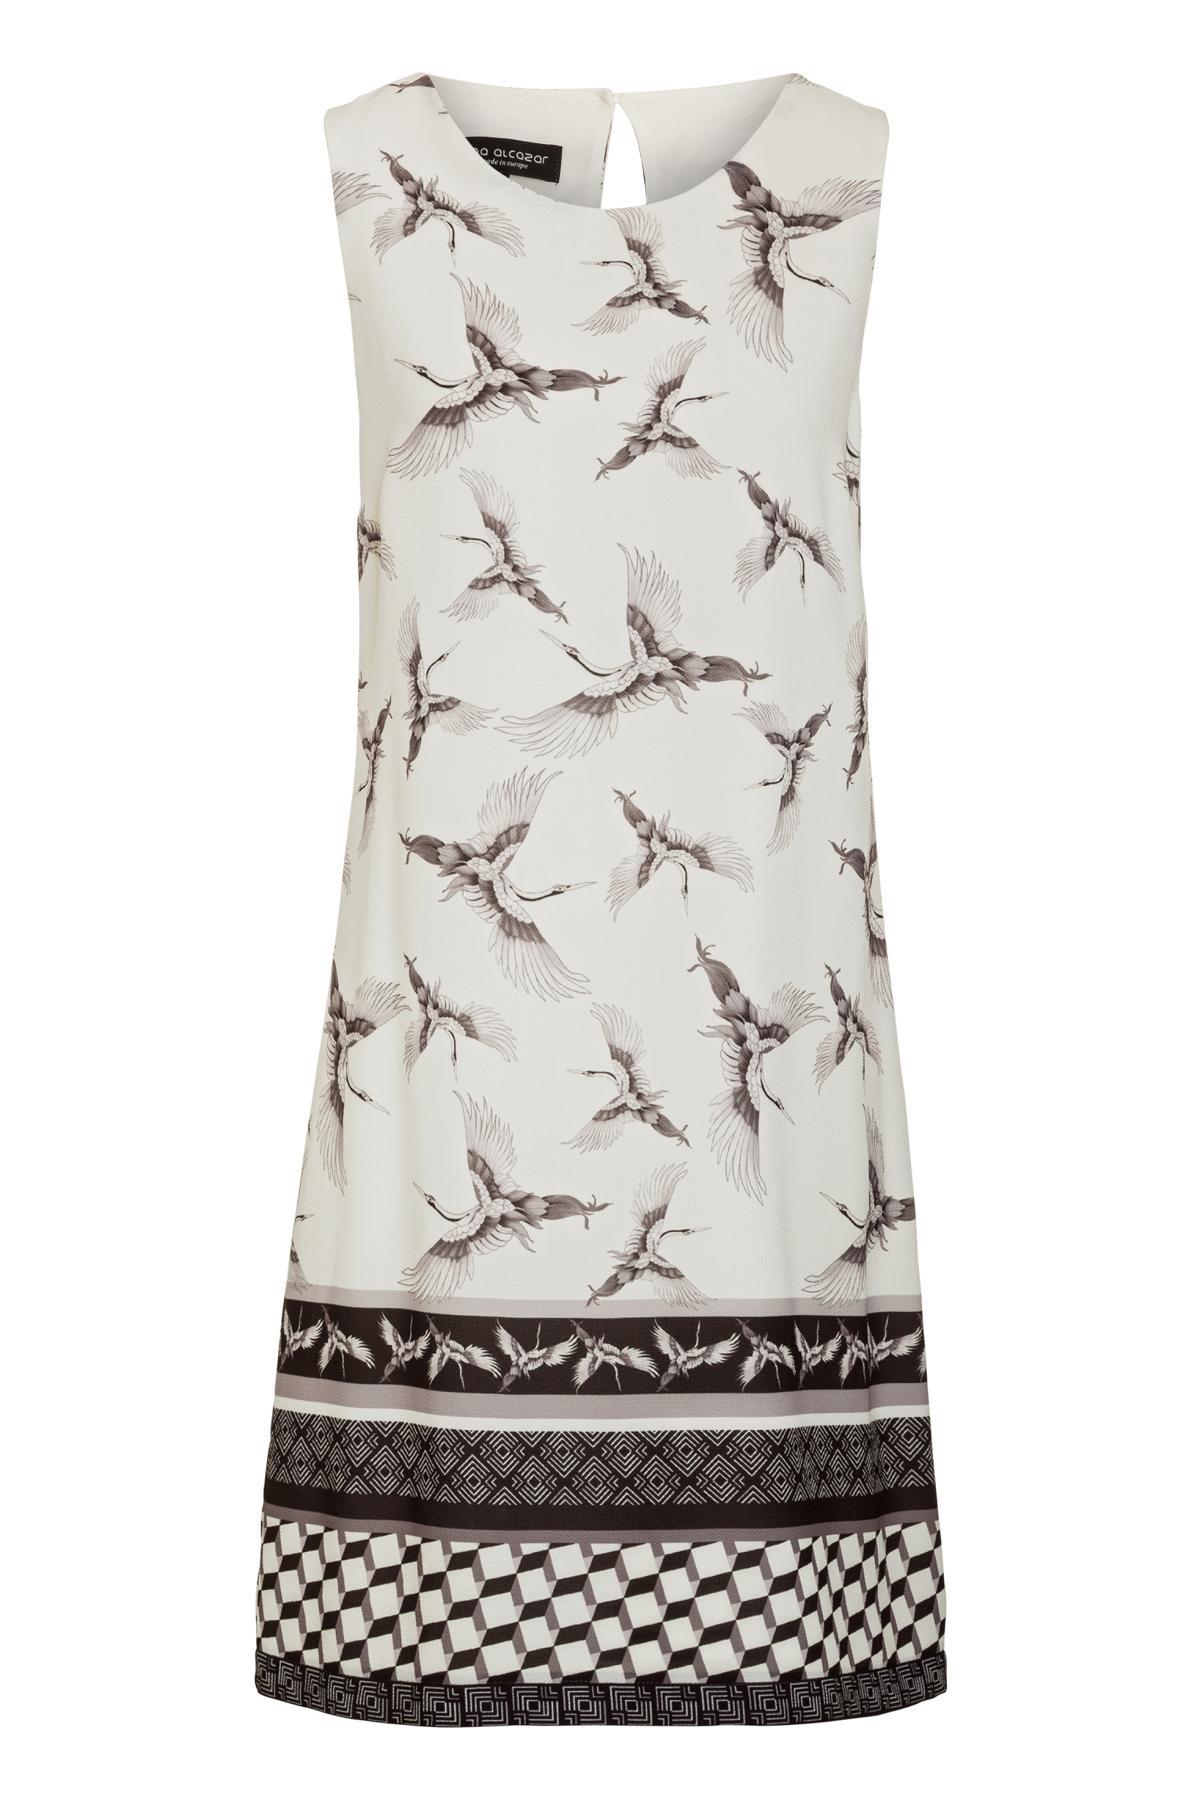 Ana Alcazar A-Shaped Dress Meilea White